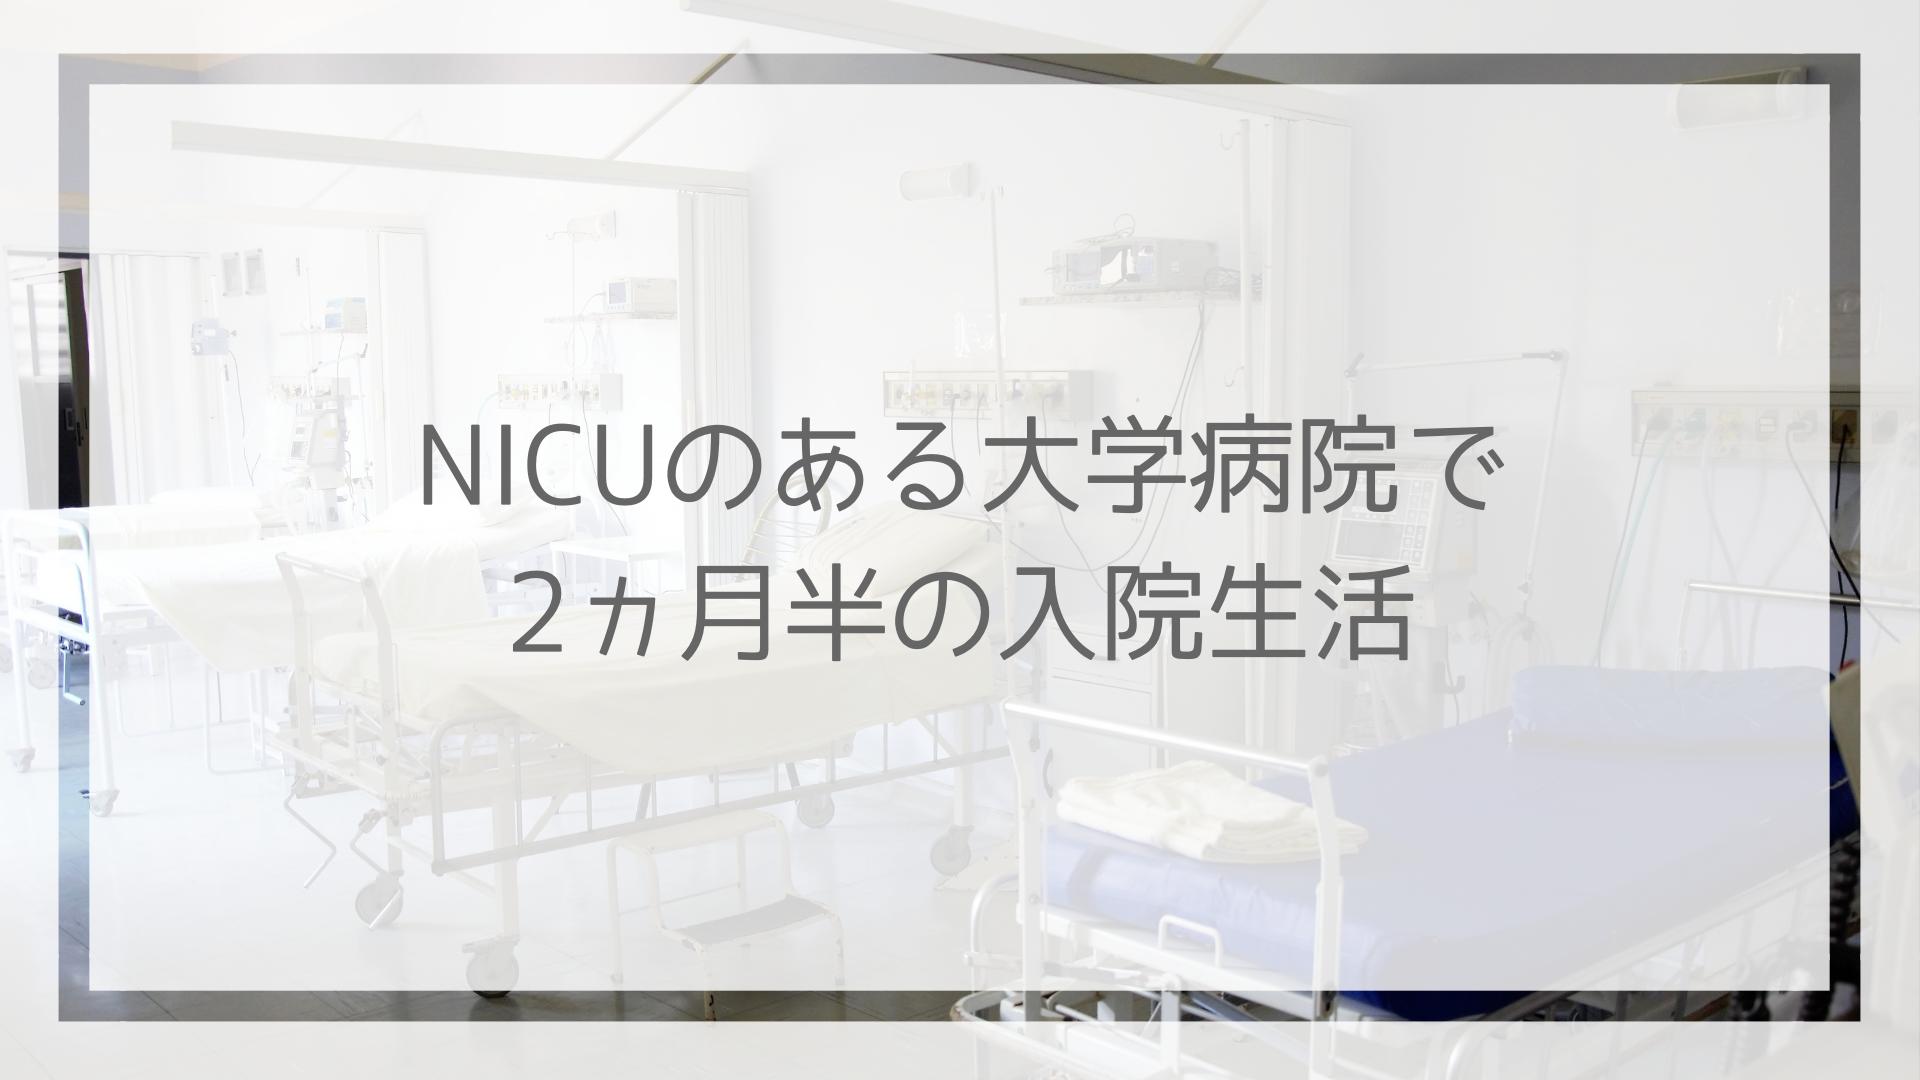 NICUのある大学病院で 2ヵ月半の入院生活